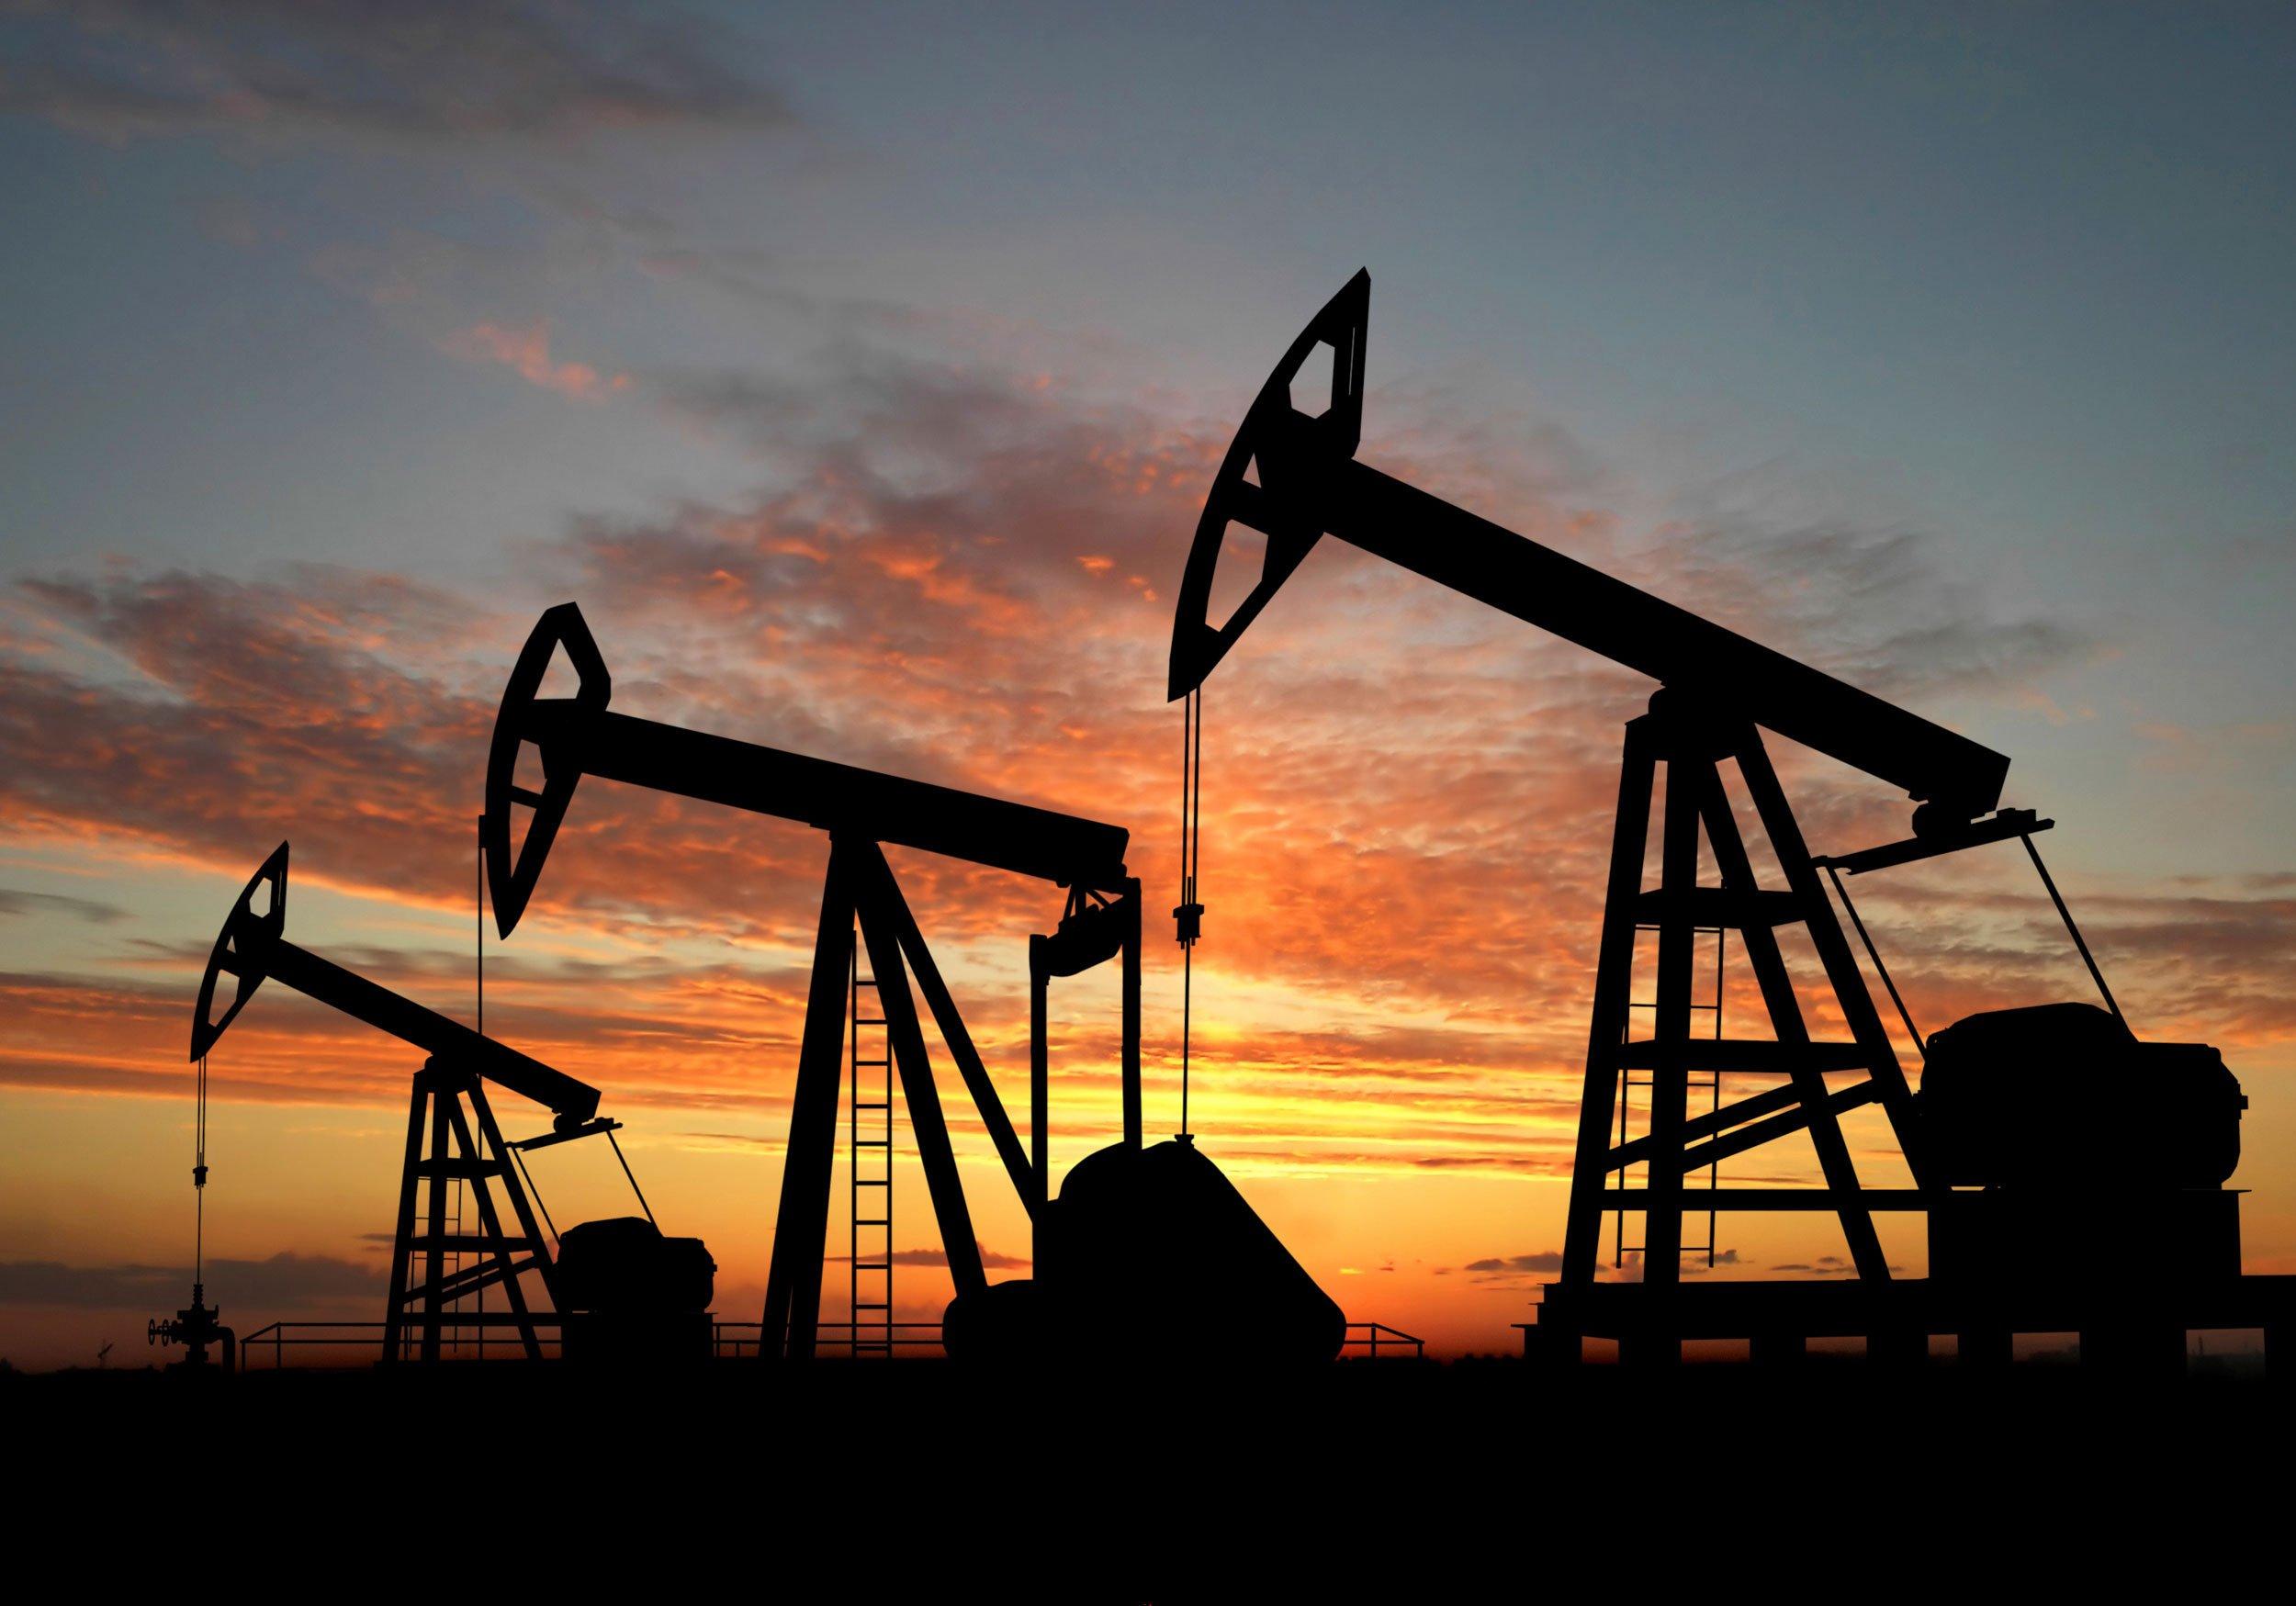 металлопрокат нефтедобыча